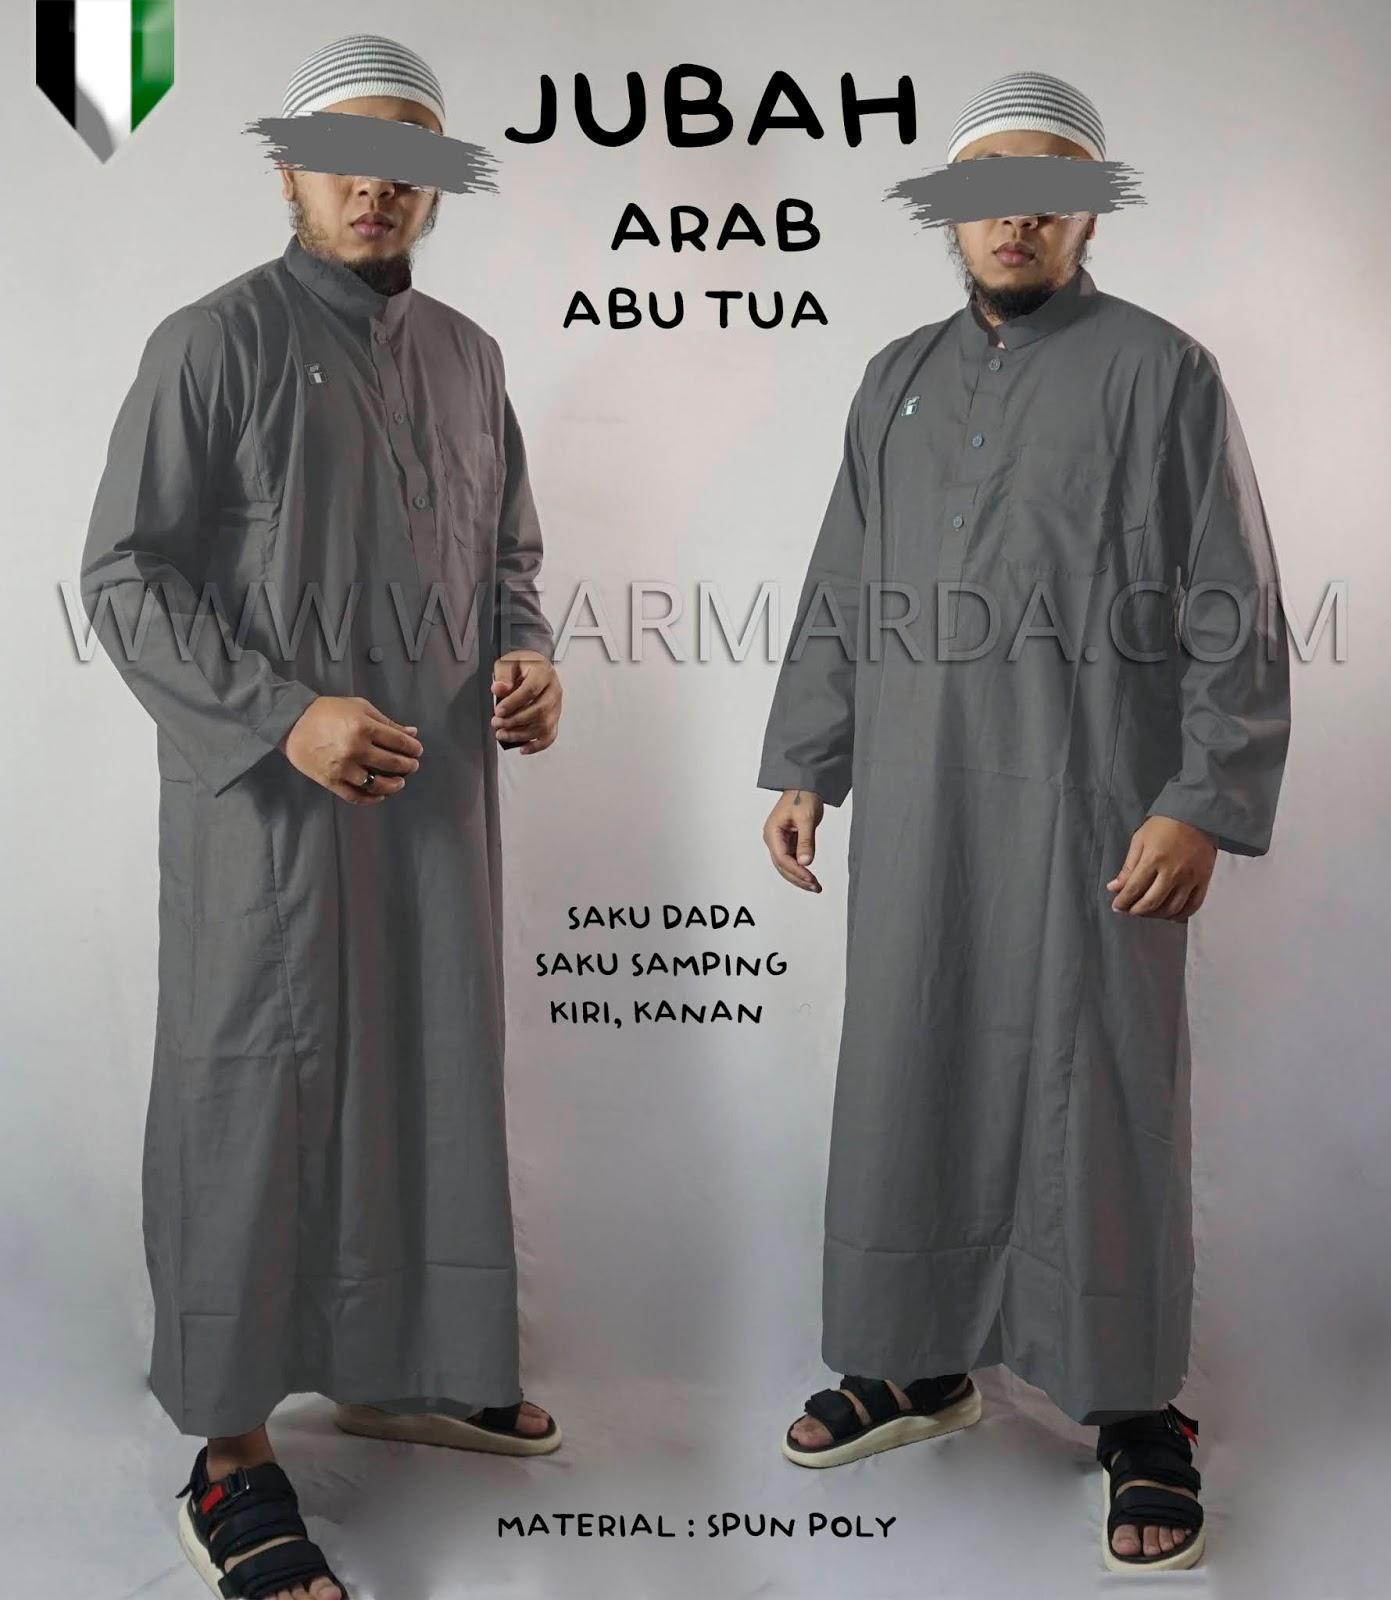 JUBAH ARAB ABU TUA